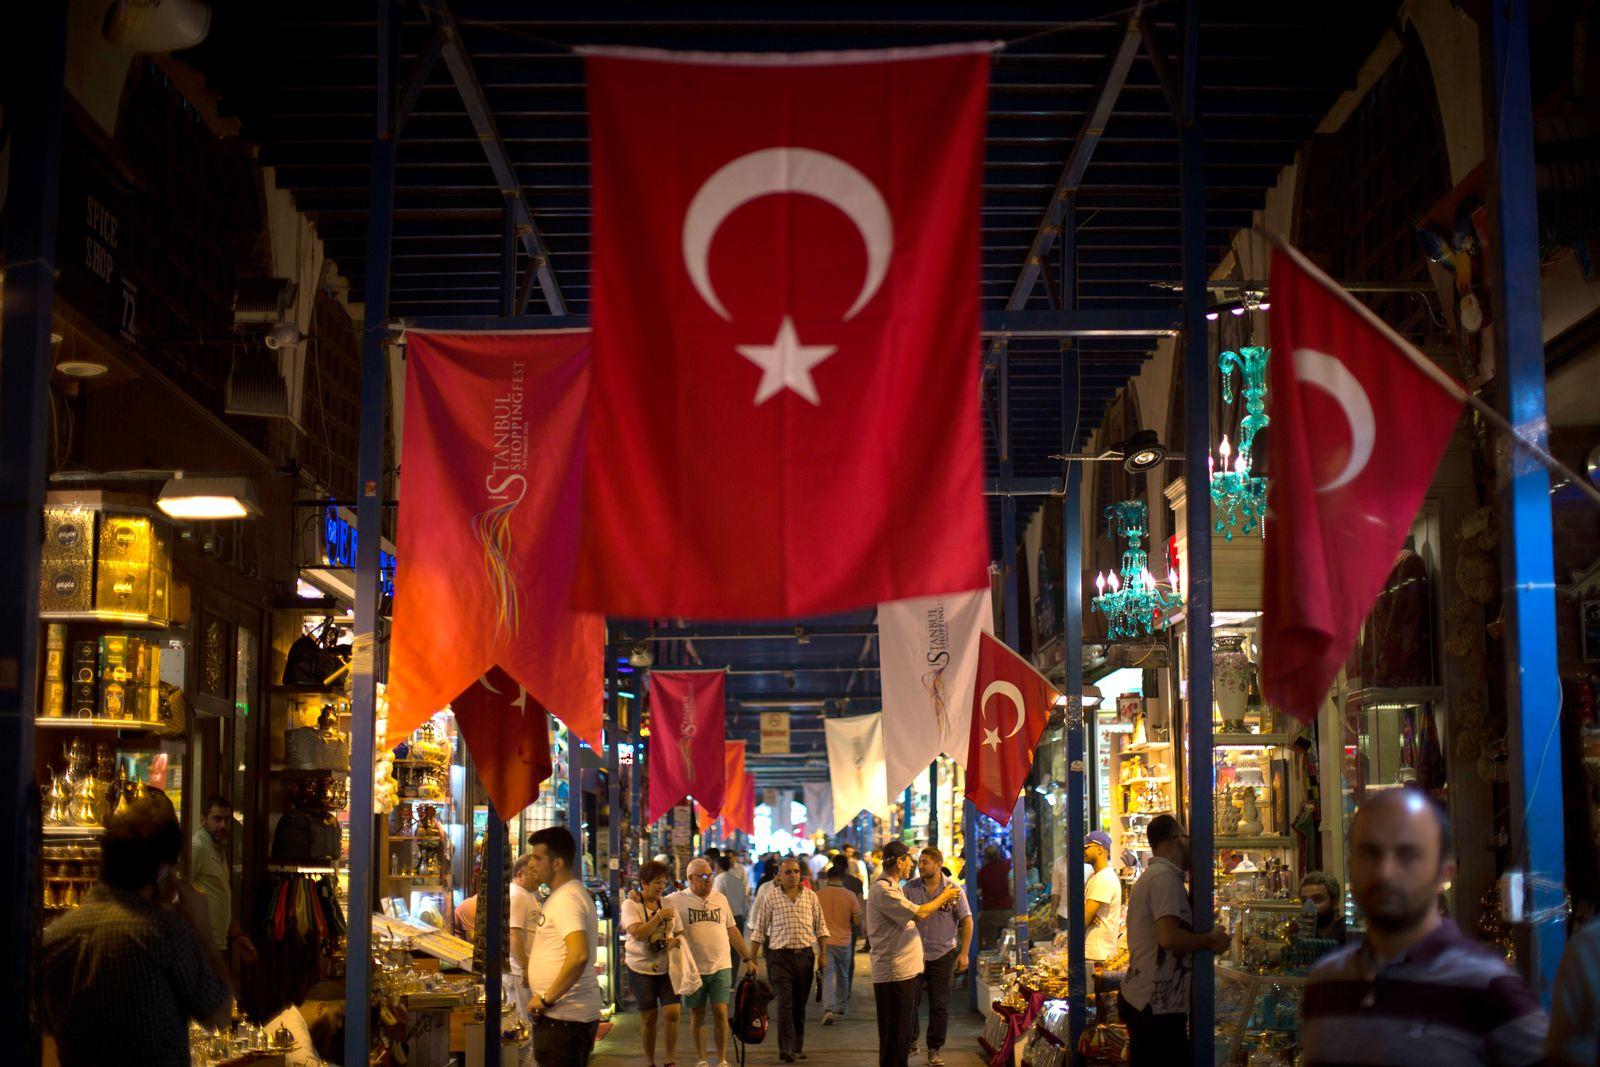 Türkei / wirtschaftliche Lage